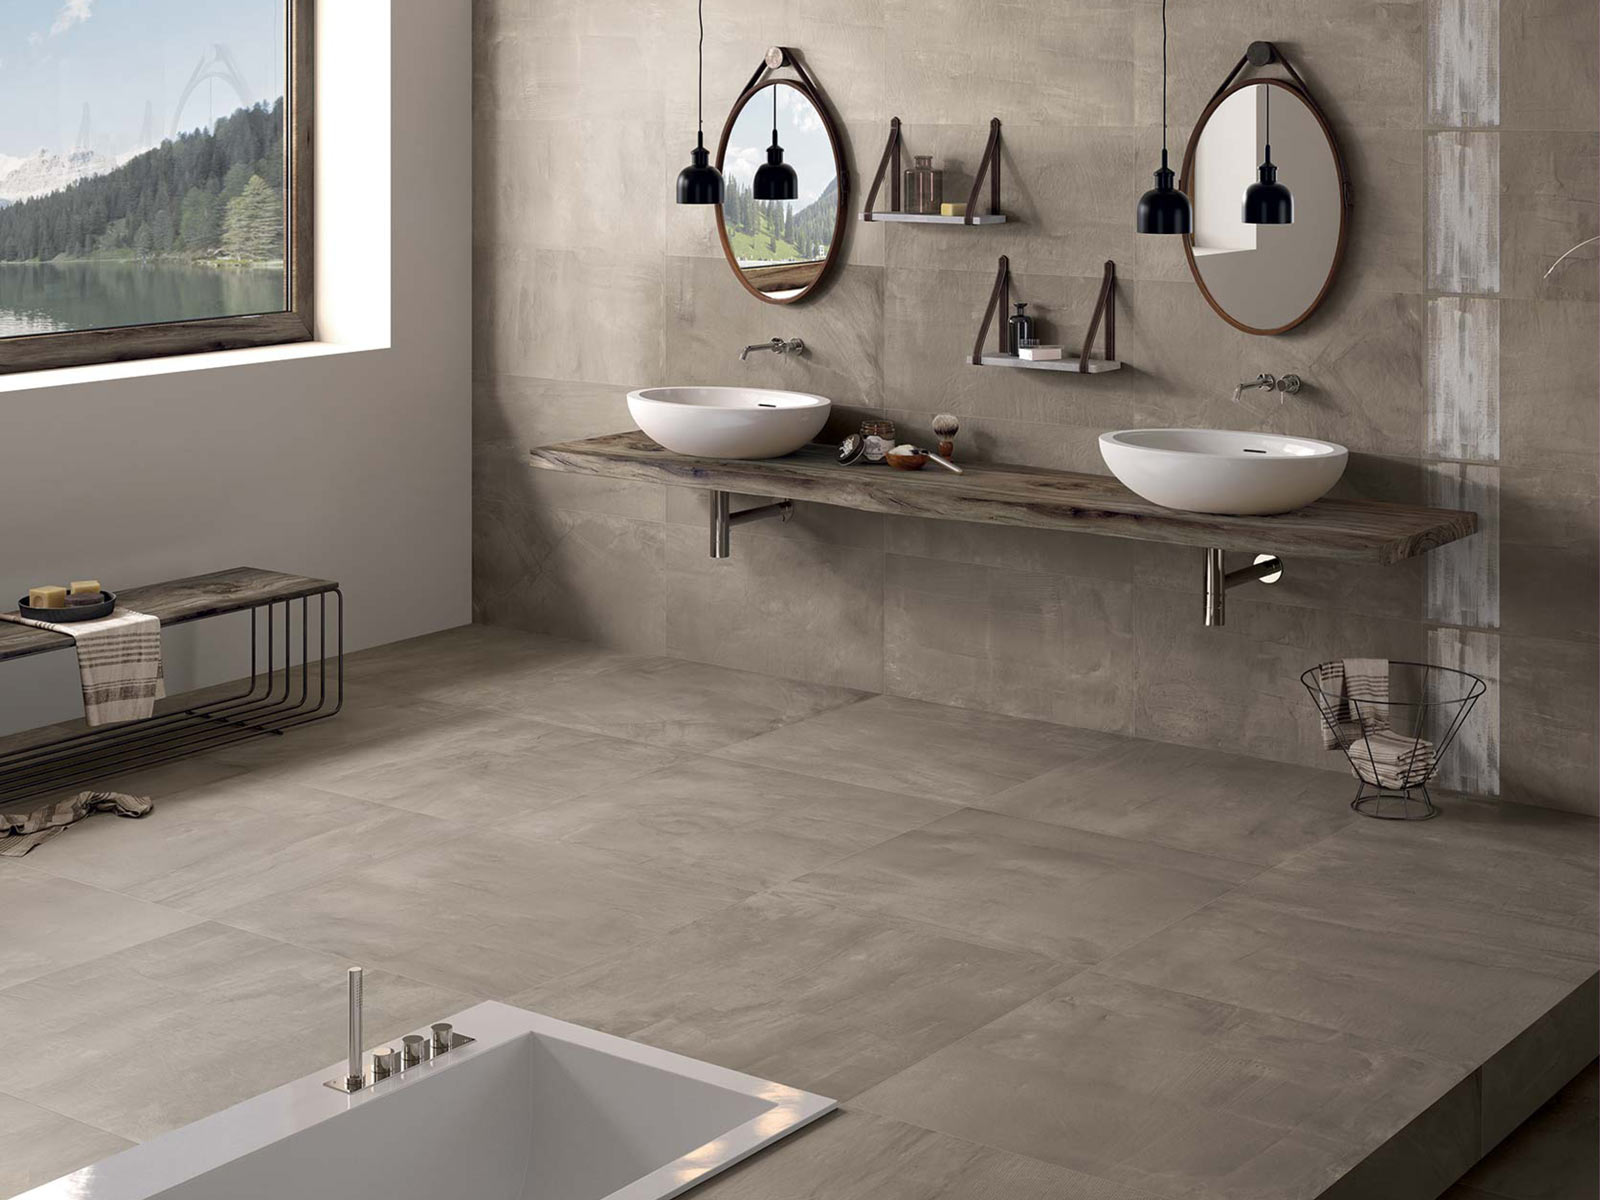 Wandverkleidung In Naturstein Keramik Oder Silestone Fur Ihr Badezimmer